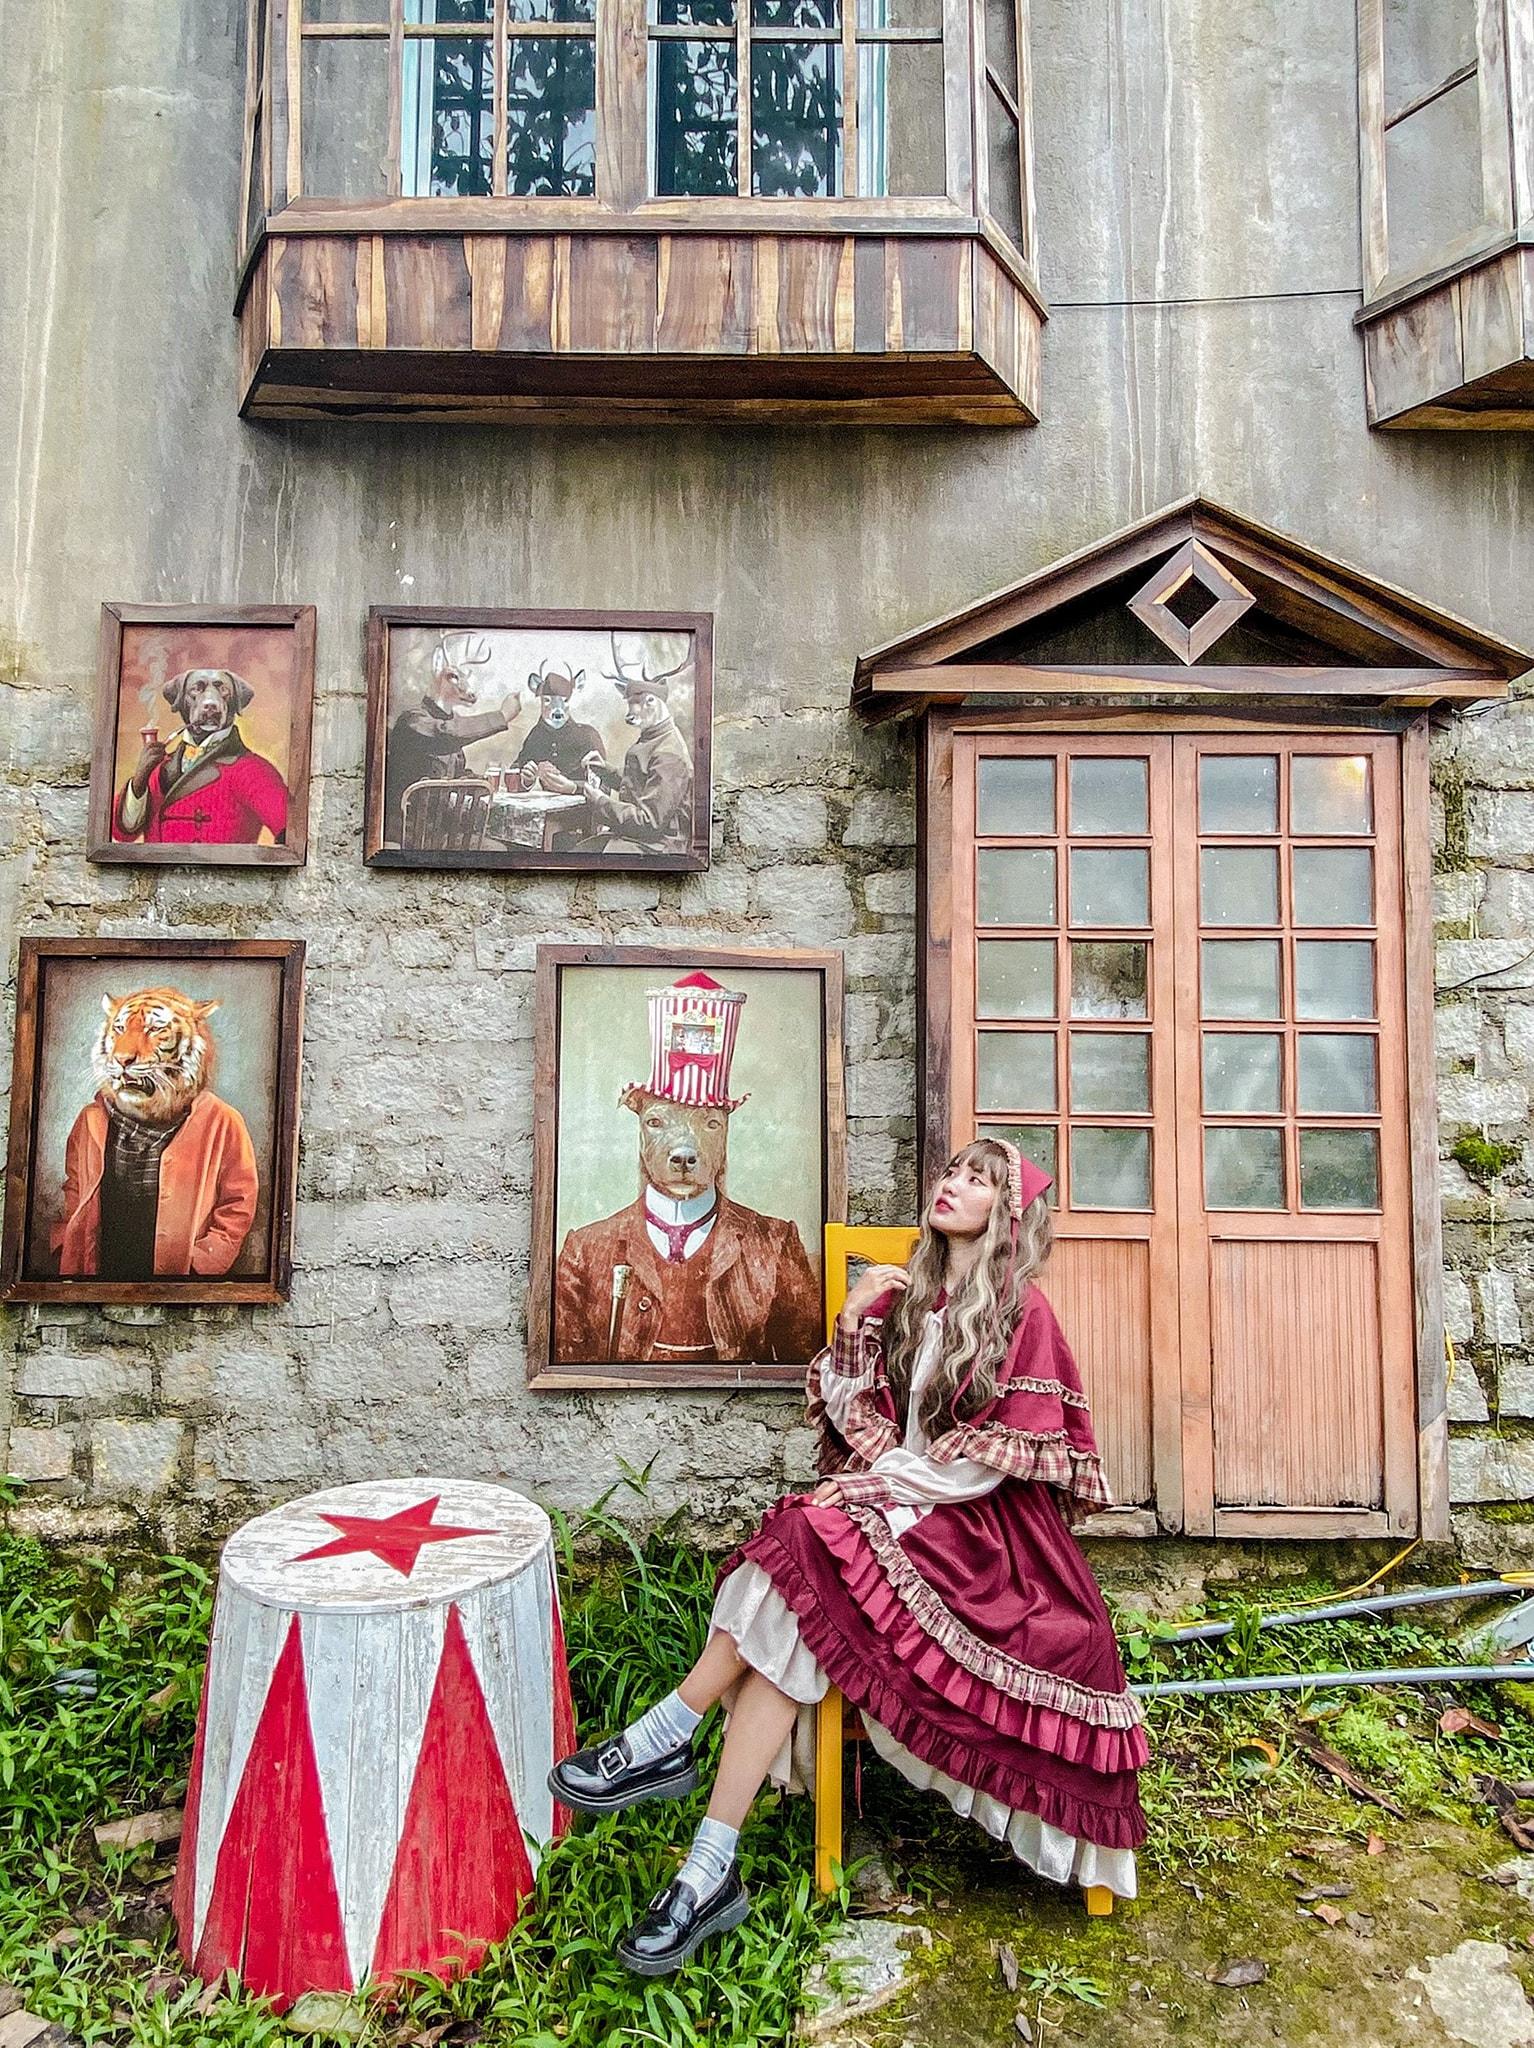 Săn ngay bộ ảnh ảo diệu tại ngôi làng phép thuật Magic Land, điểm check-in mới tại Đà Lạt - Ảnh 13.